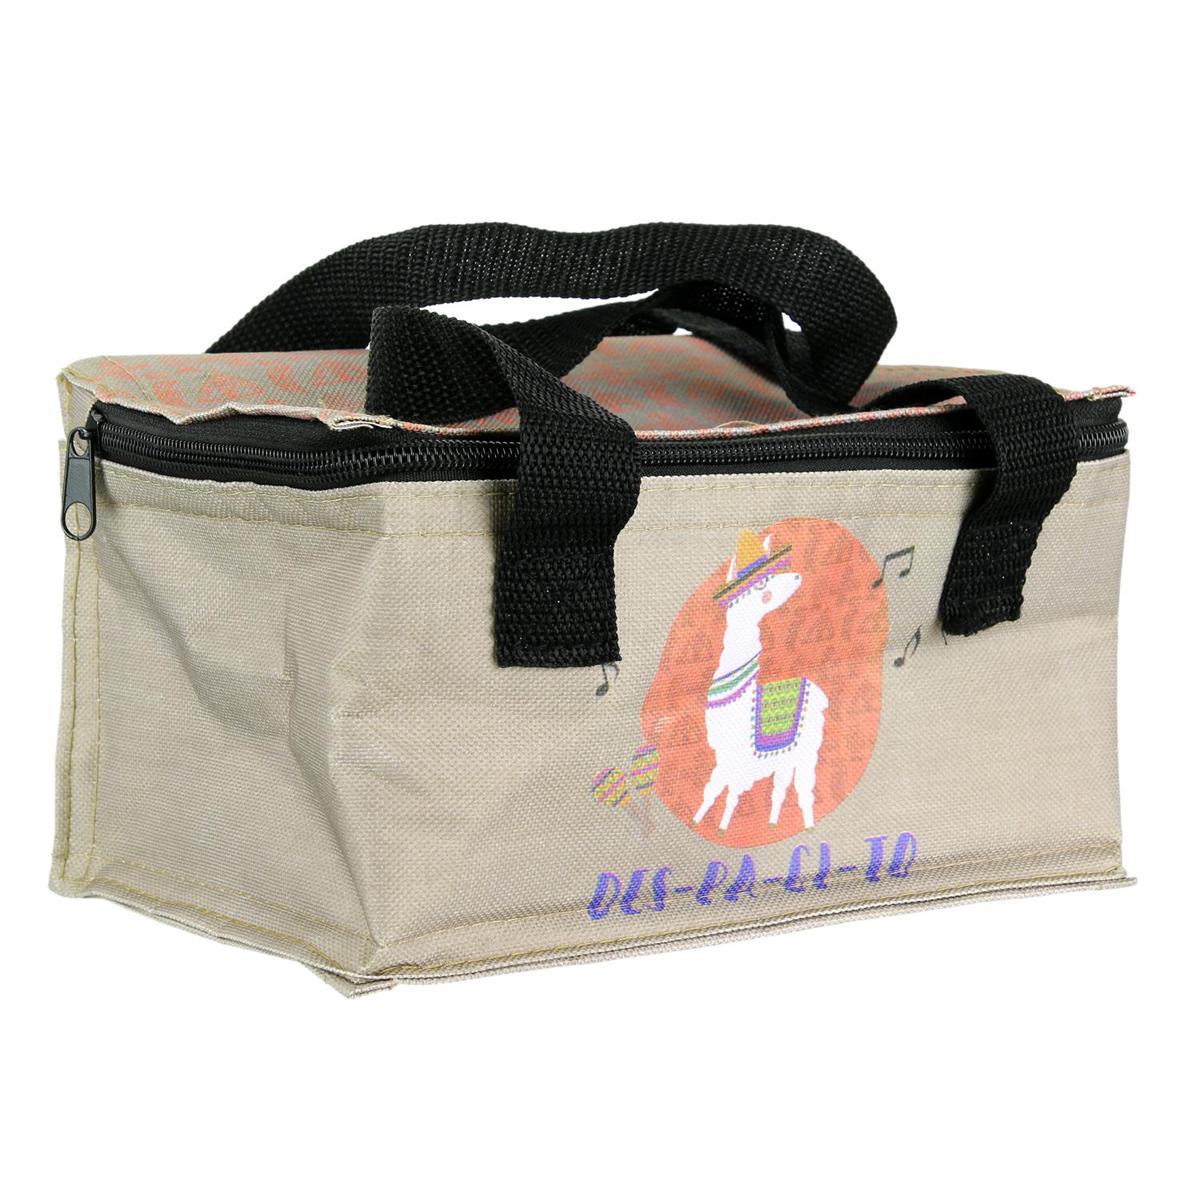 Lunch box / Sac repas isotherme \'Lama Mania\' orange beige (Despacito) - 215x145x12 cm - [Q4461]